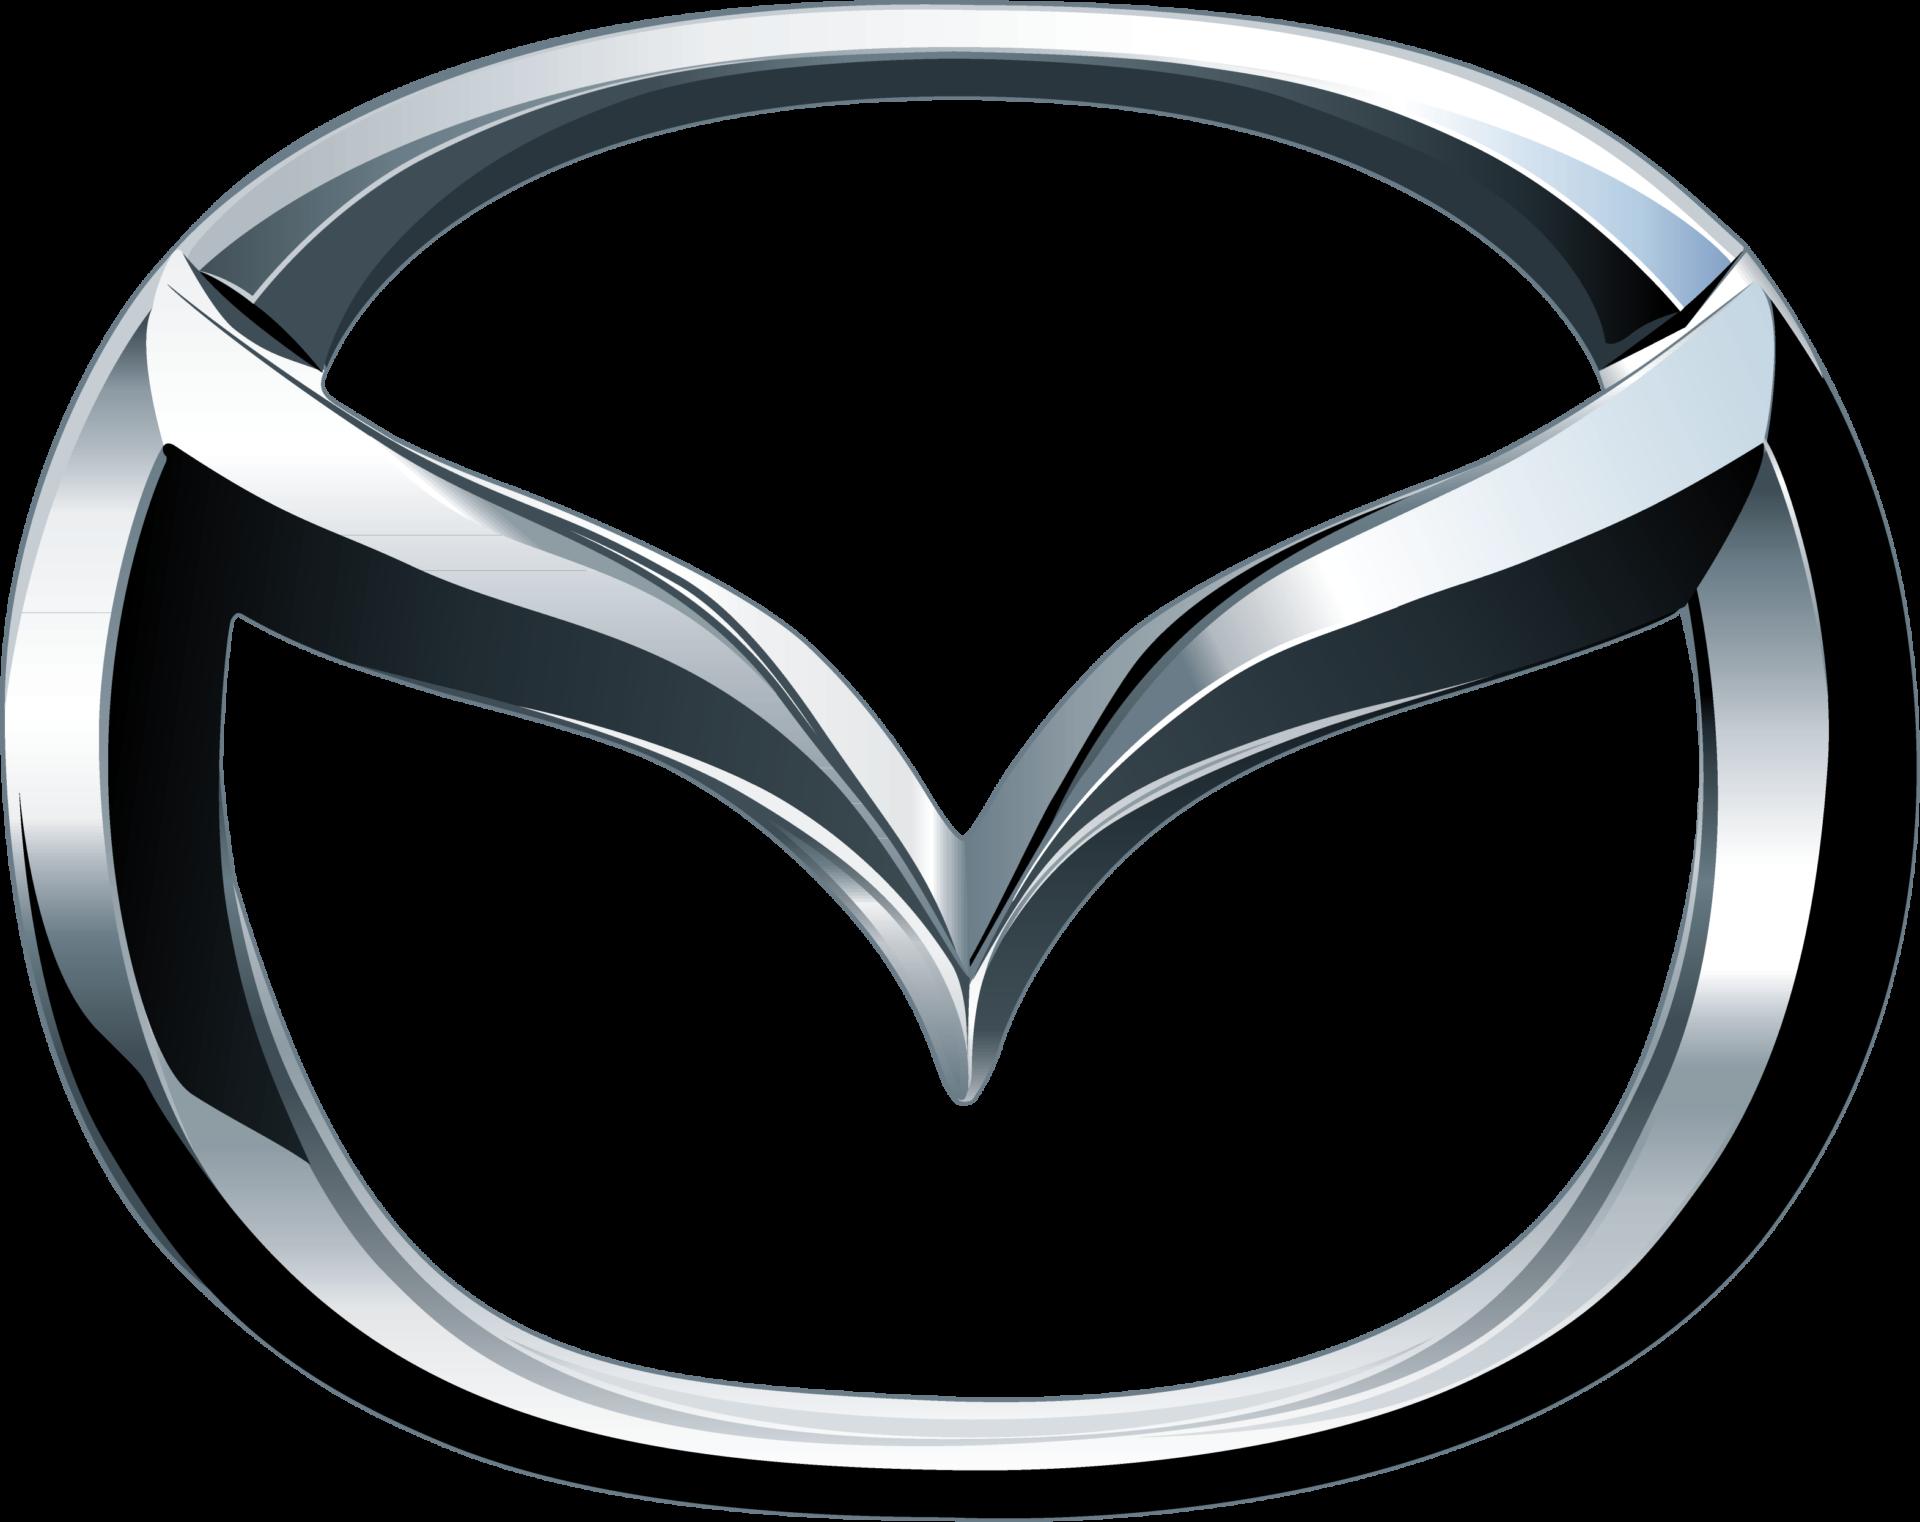 Basi sedile Mazda